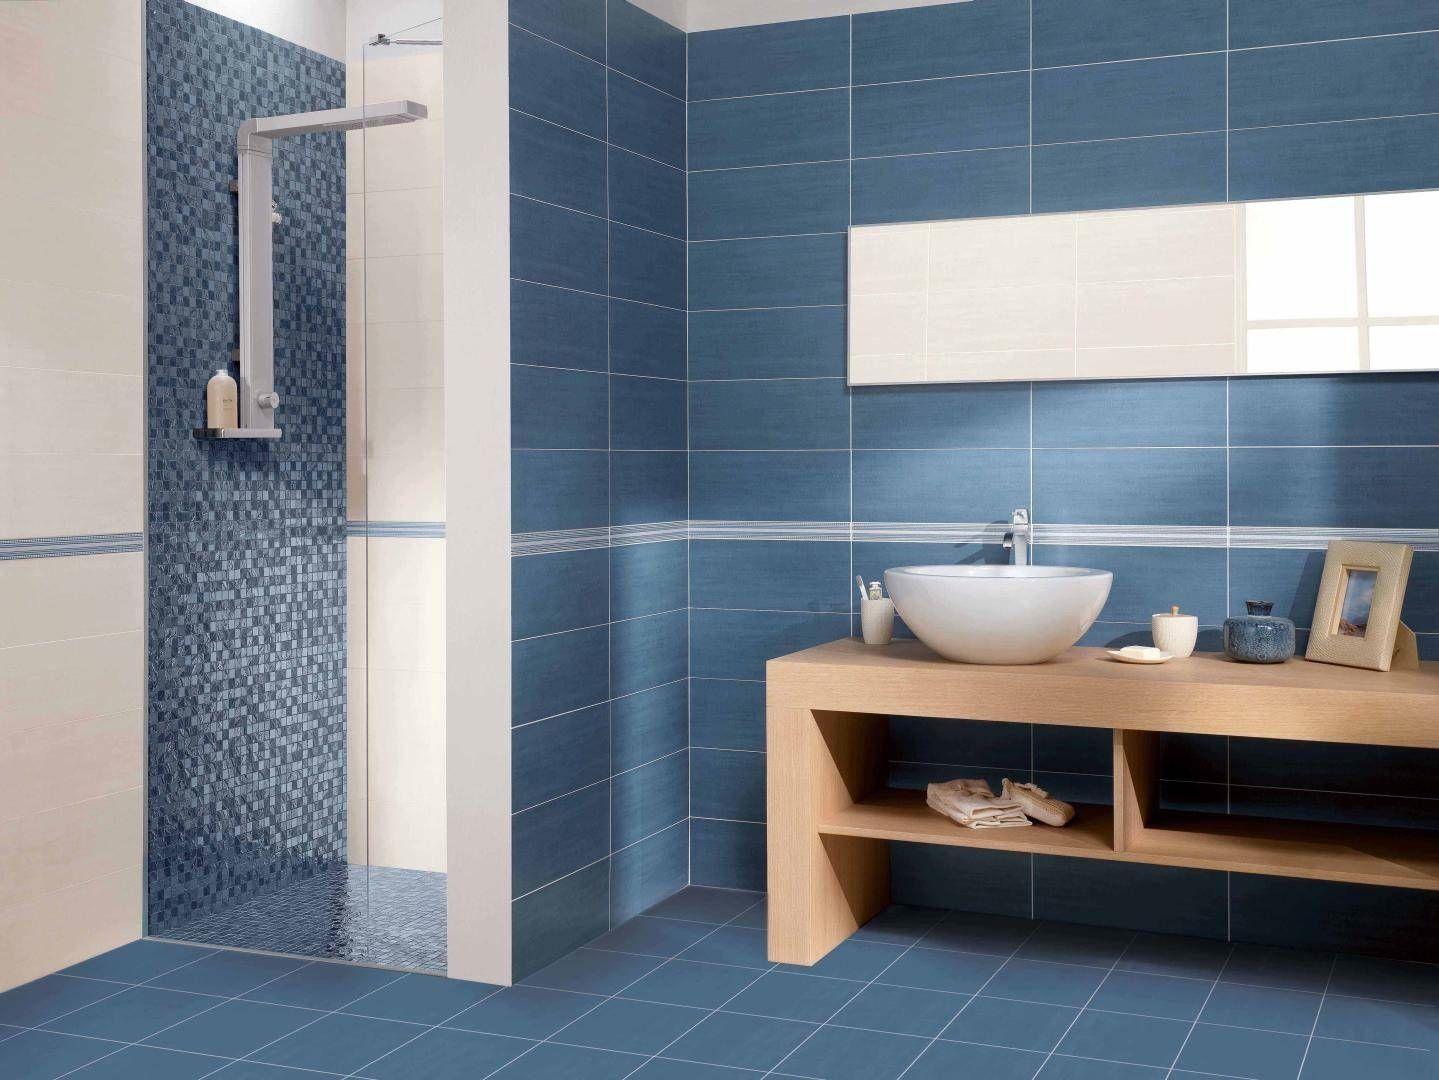 piastrelle bagno - Google Search | Arredo bagno | Pinterest